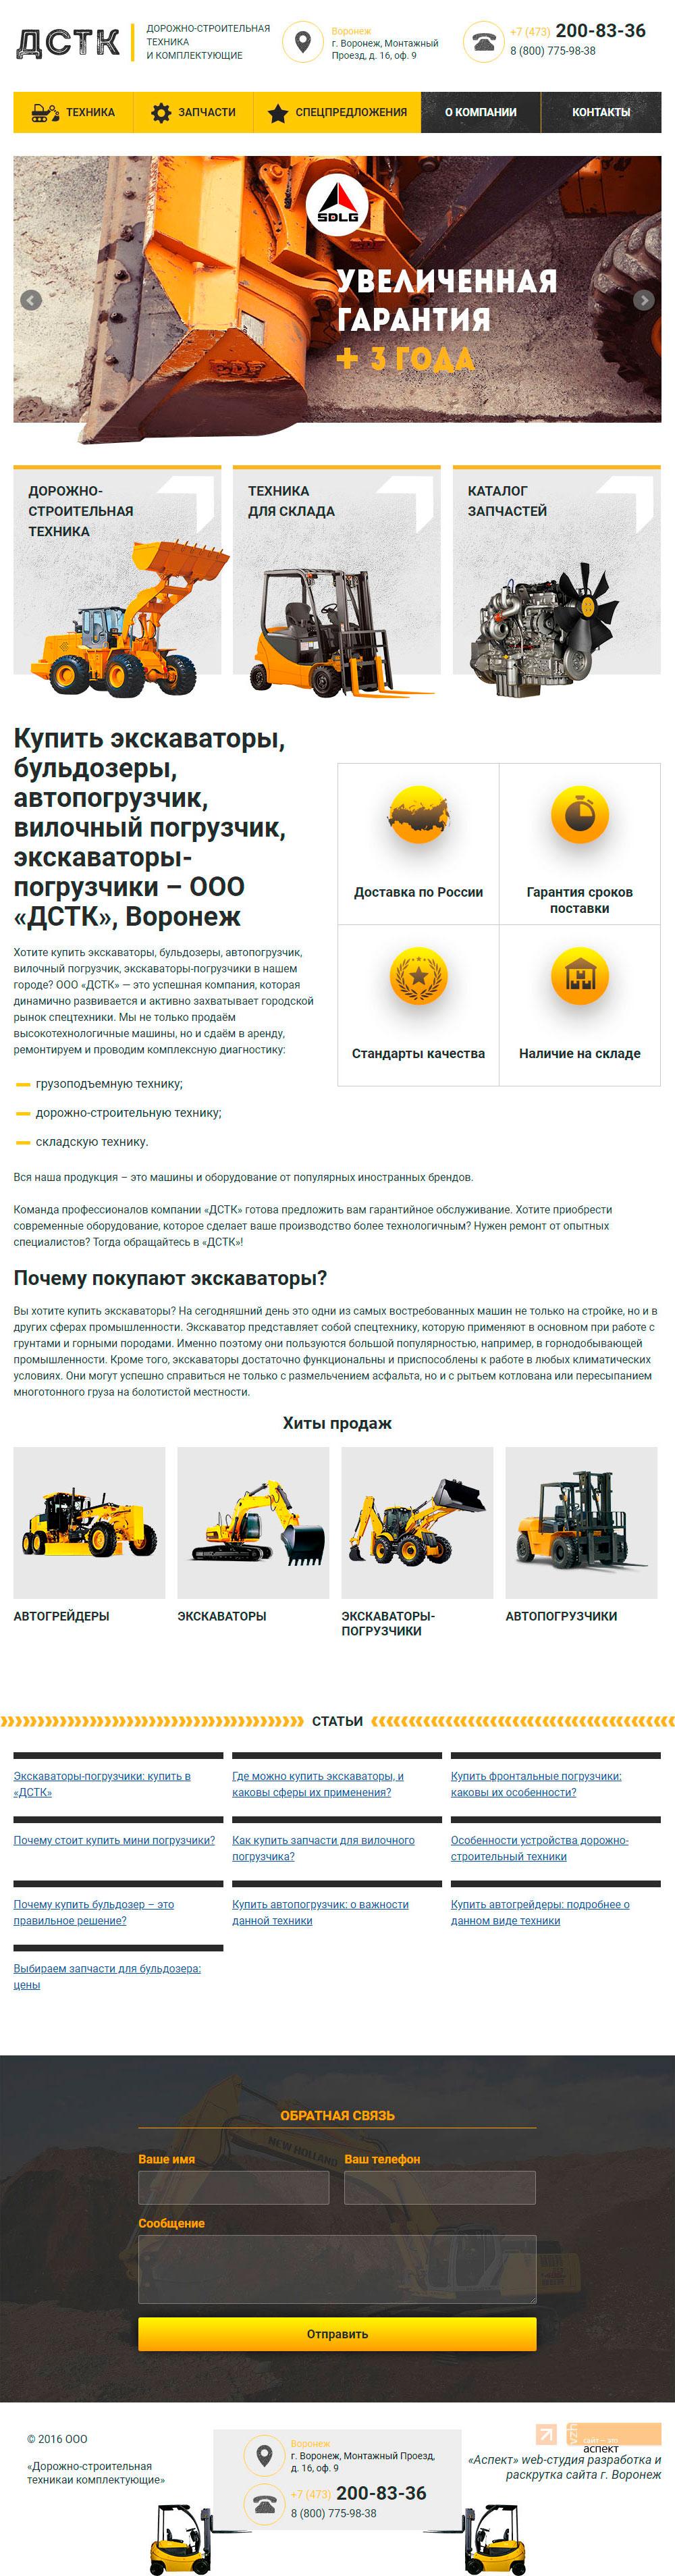 b2b сайты примеры ДСТК 1000 px